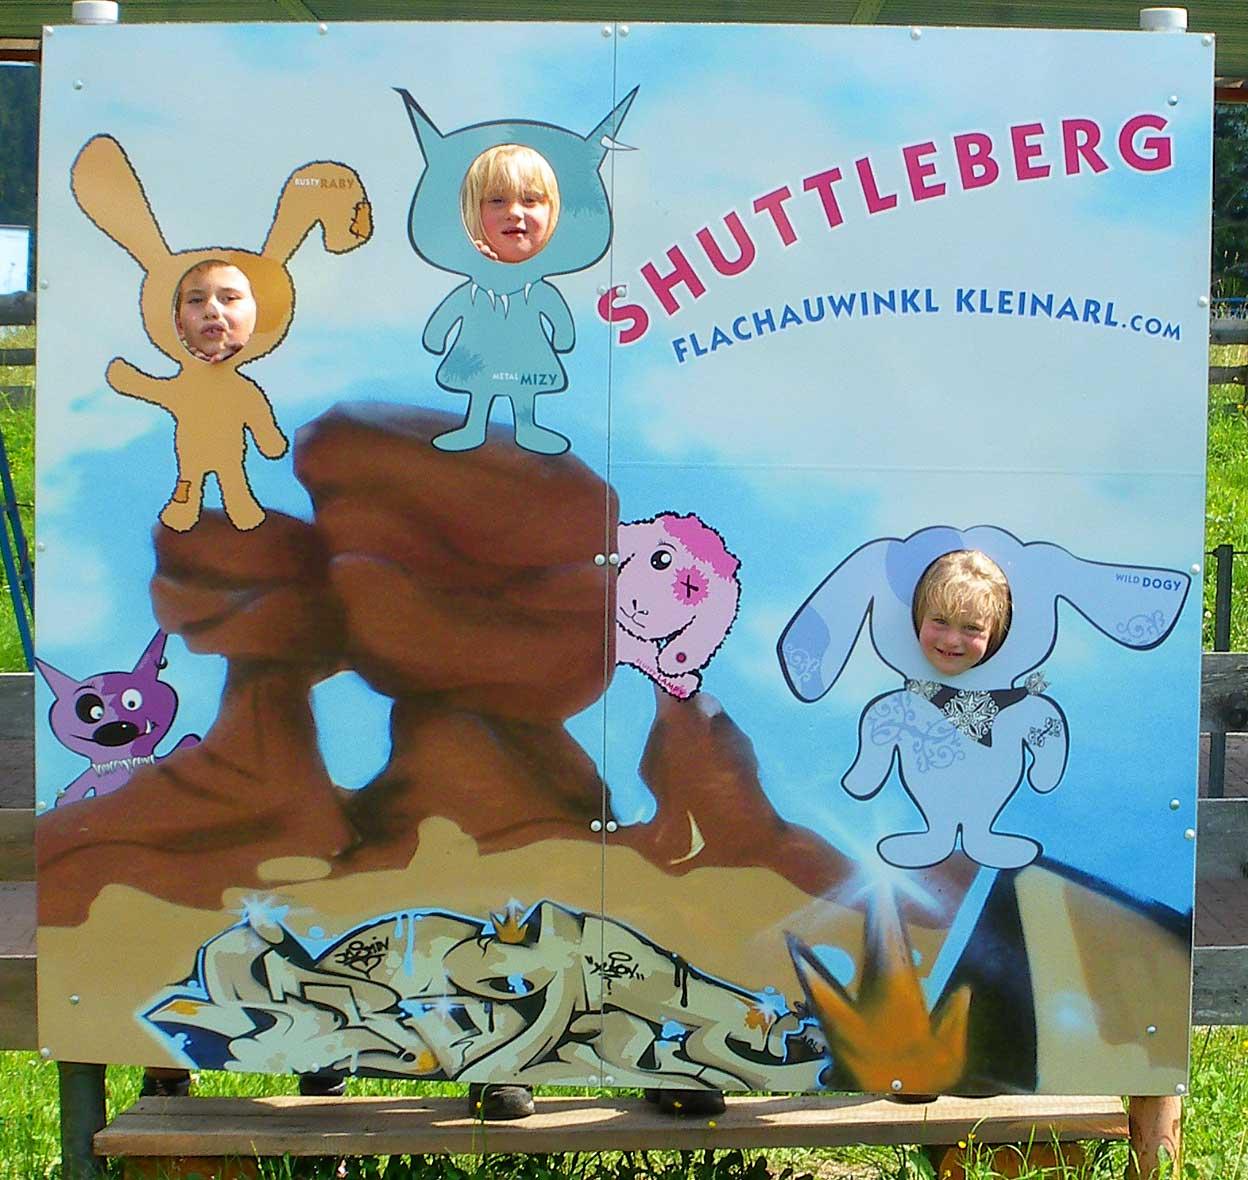 Shuttleberg in Kleinarl